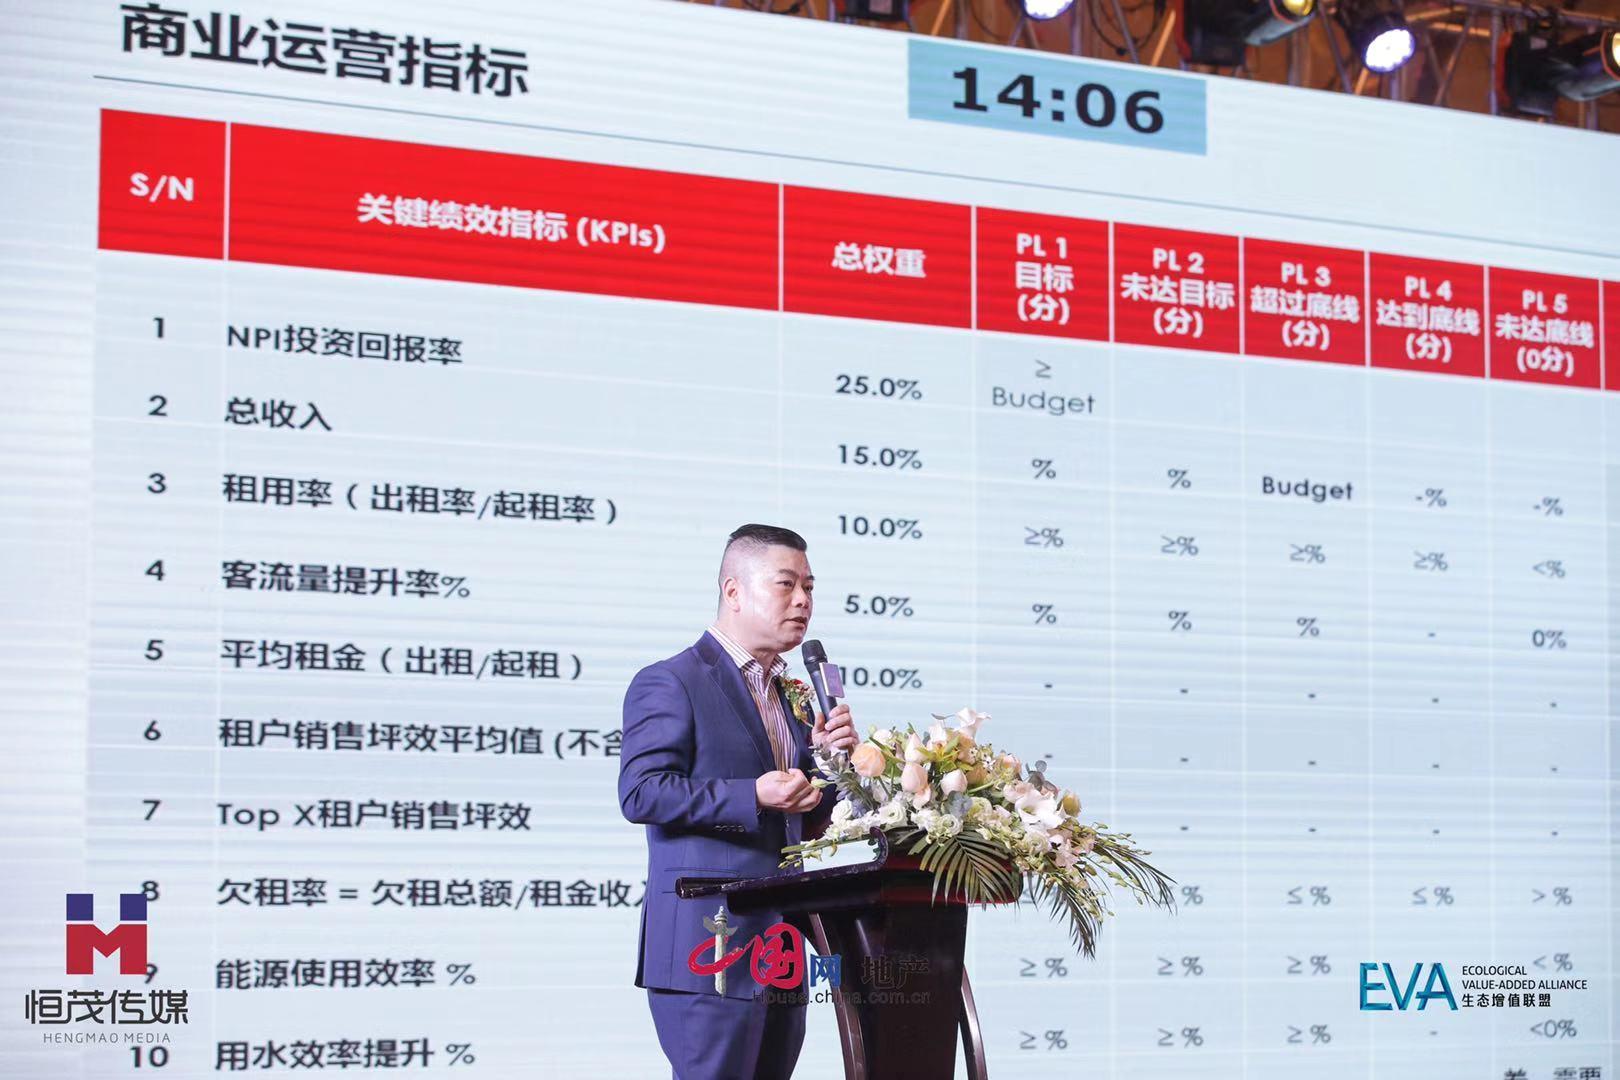 胡泊:城市更新要精细化运营,不能再大手大脚花钱-中国网地产